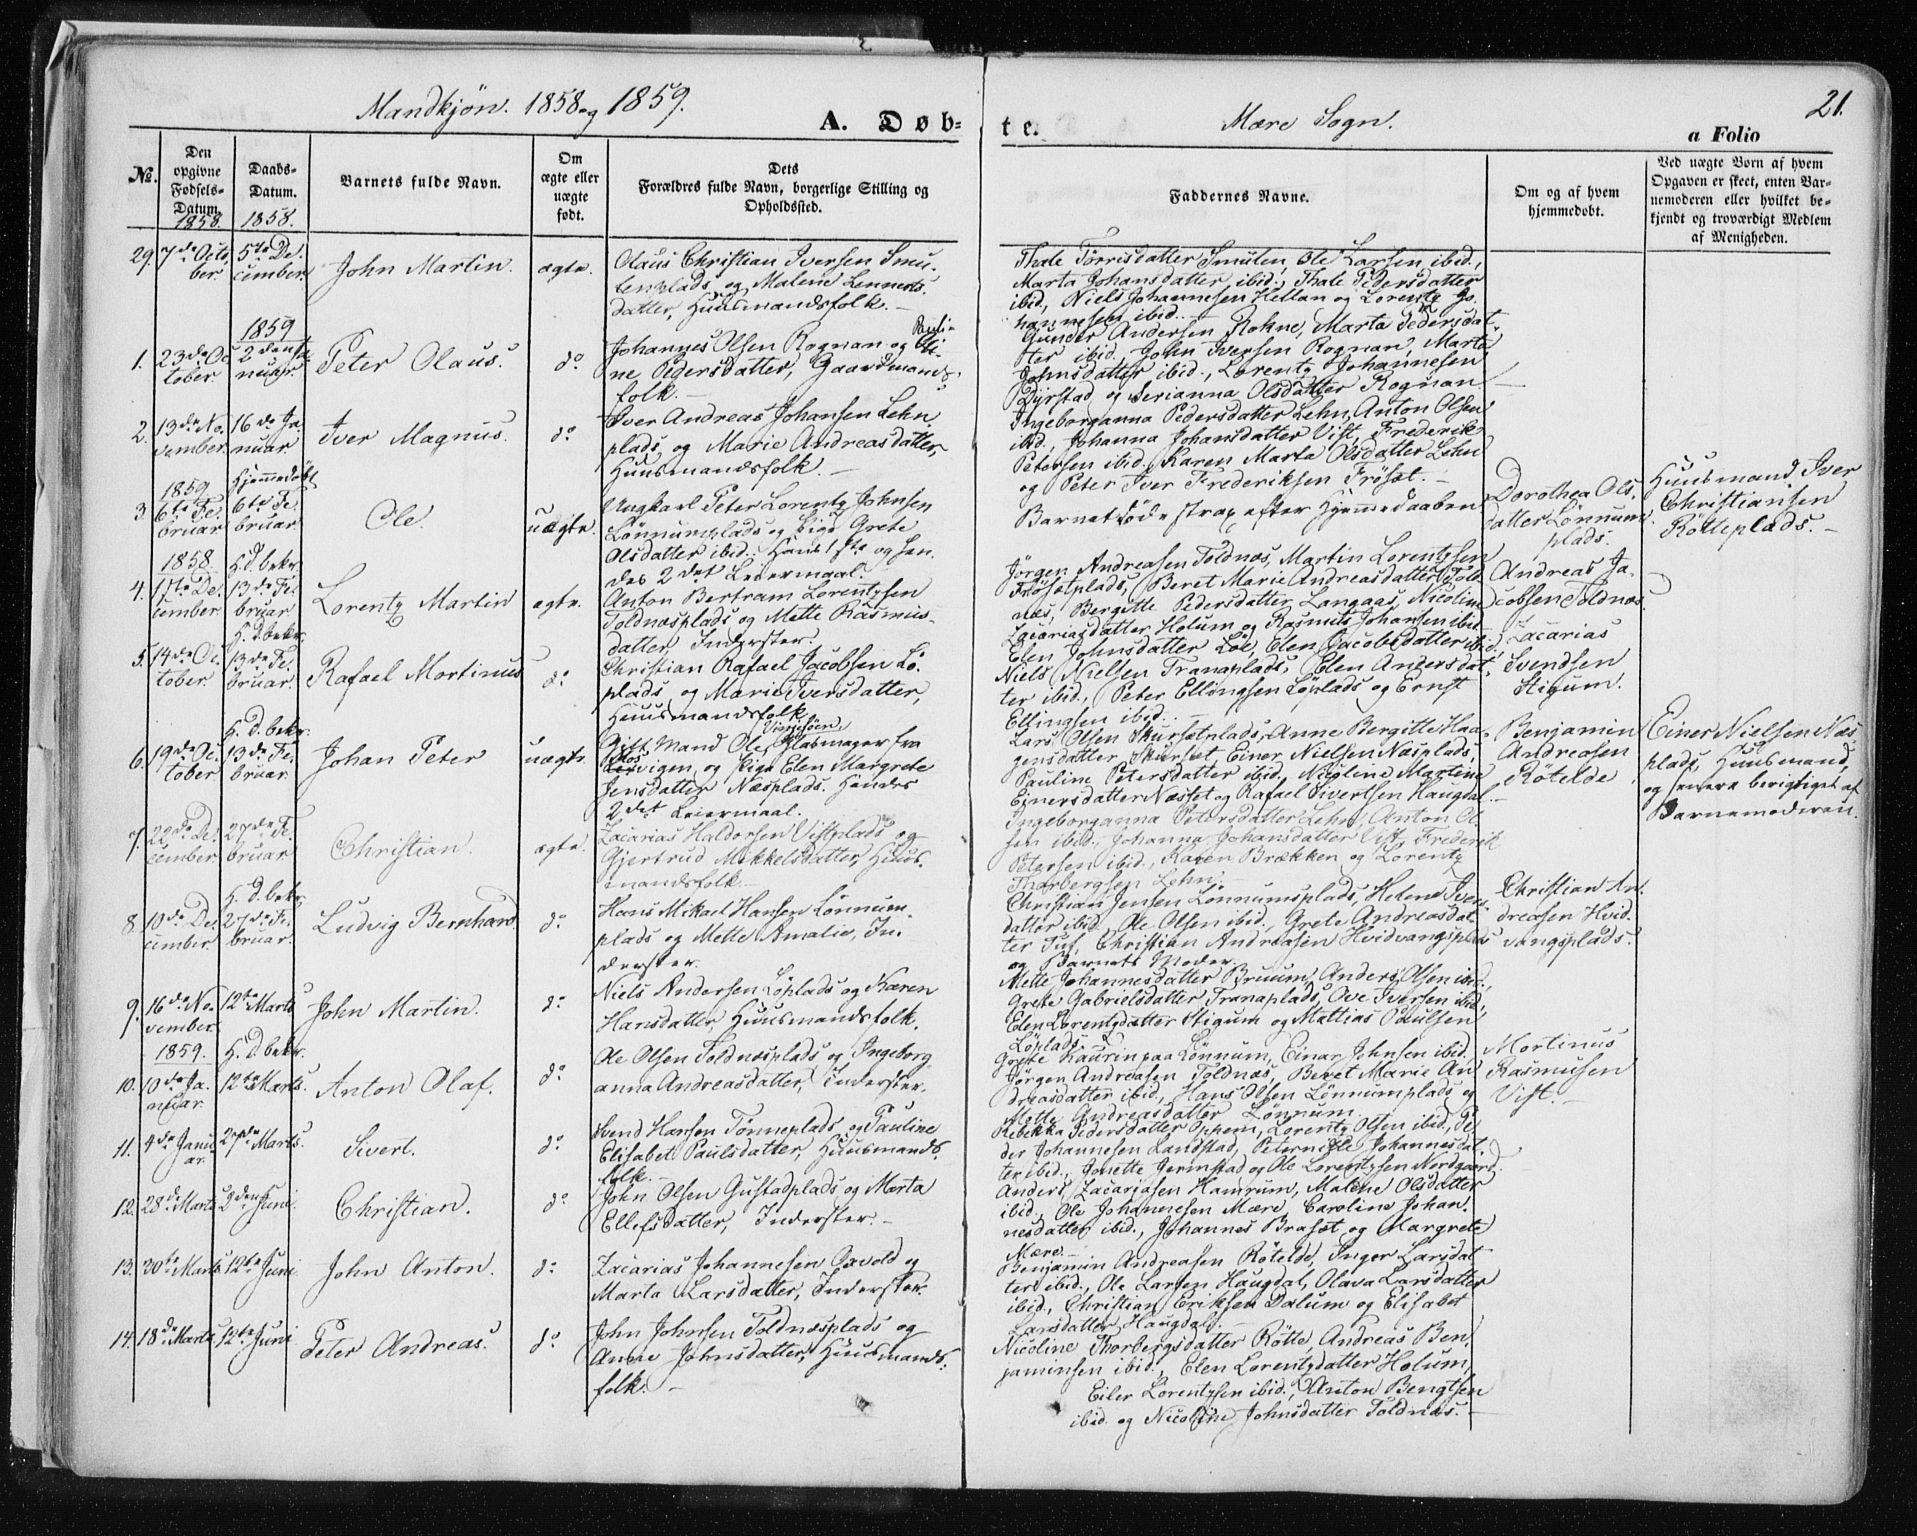 SAT, Ministerialprotokoller, klokkerbøker og fødselsregistre - Nord-Trøndelag, 735/L0342: Ministerialbok nr. 735A07 /1, 1849-1862, s. 21